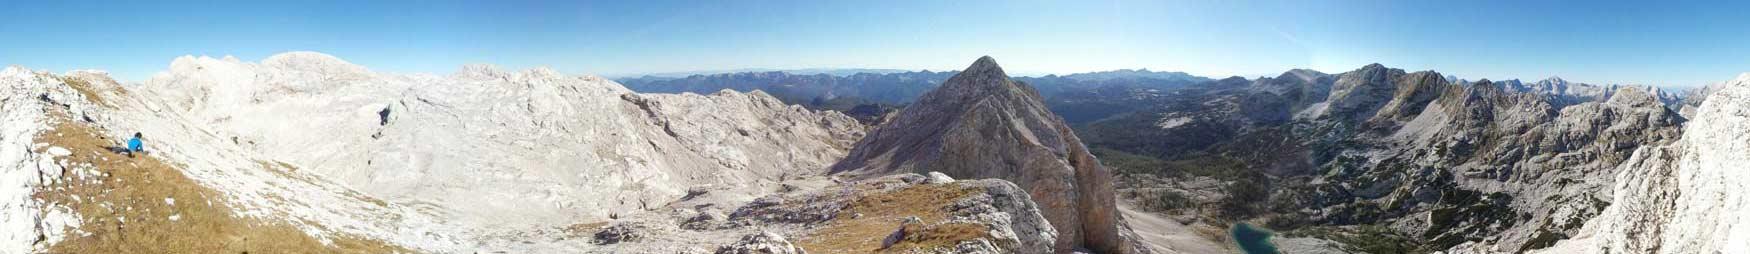 Panoramski posnetki iz cele Slovenije zbrani na enem mestu.